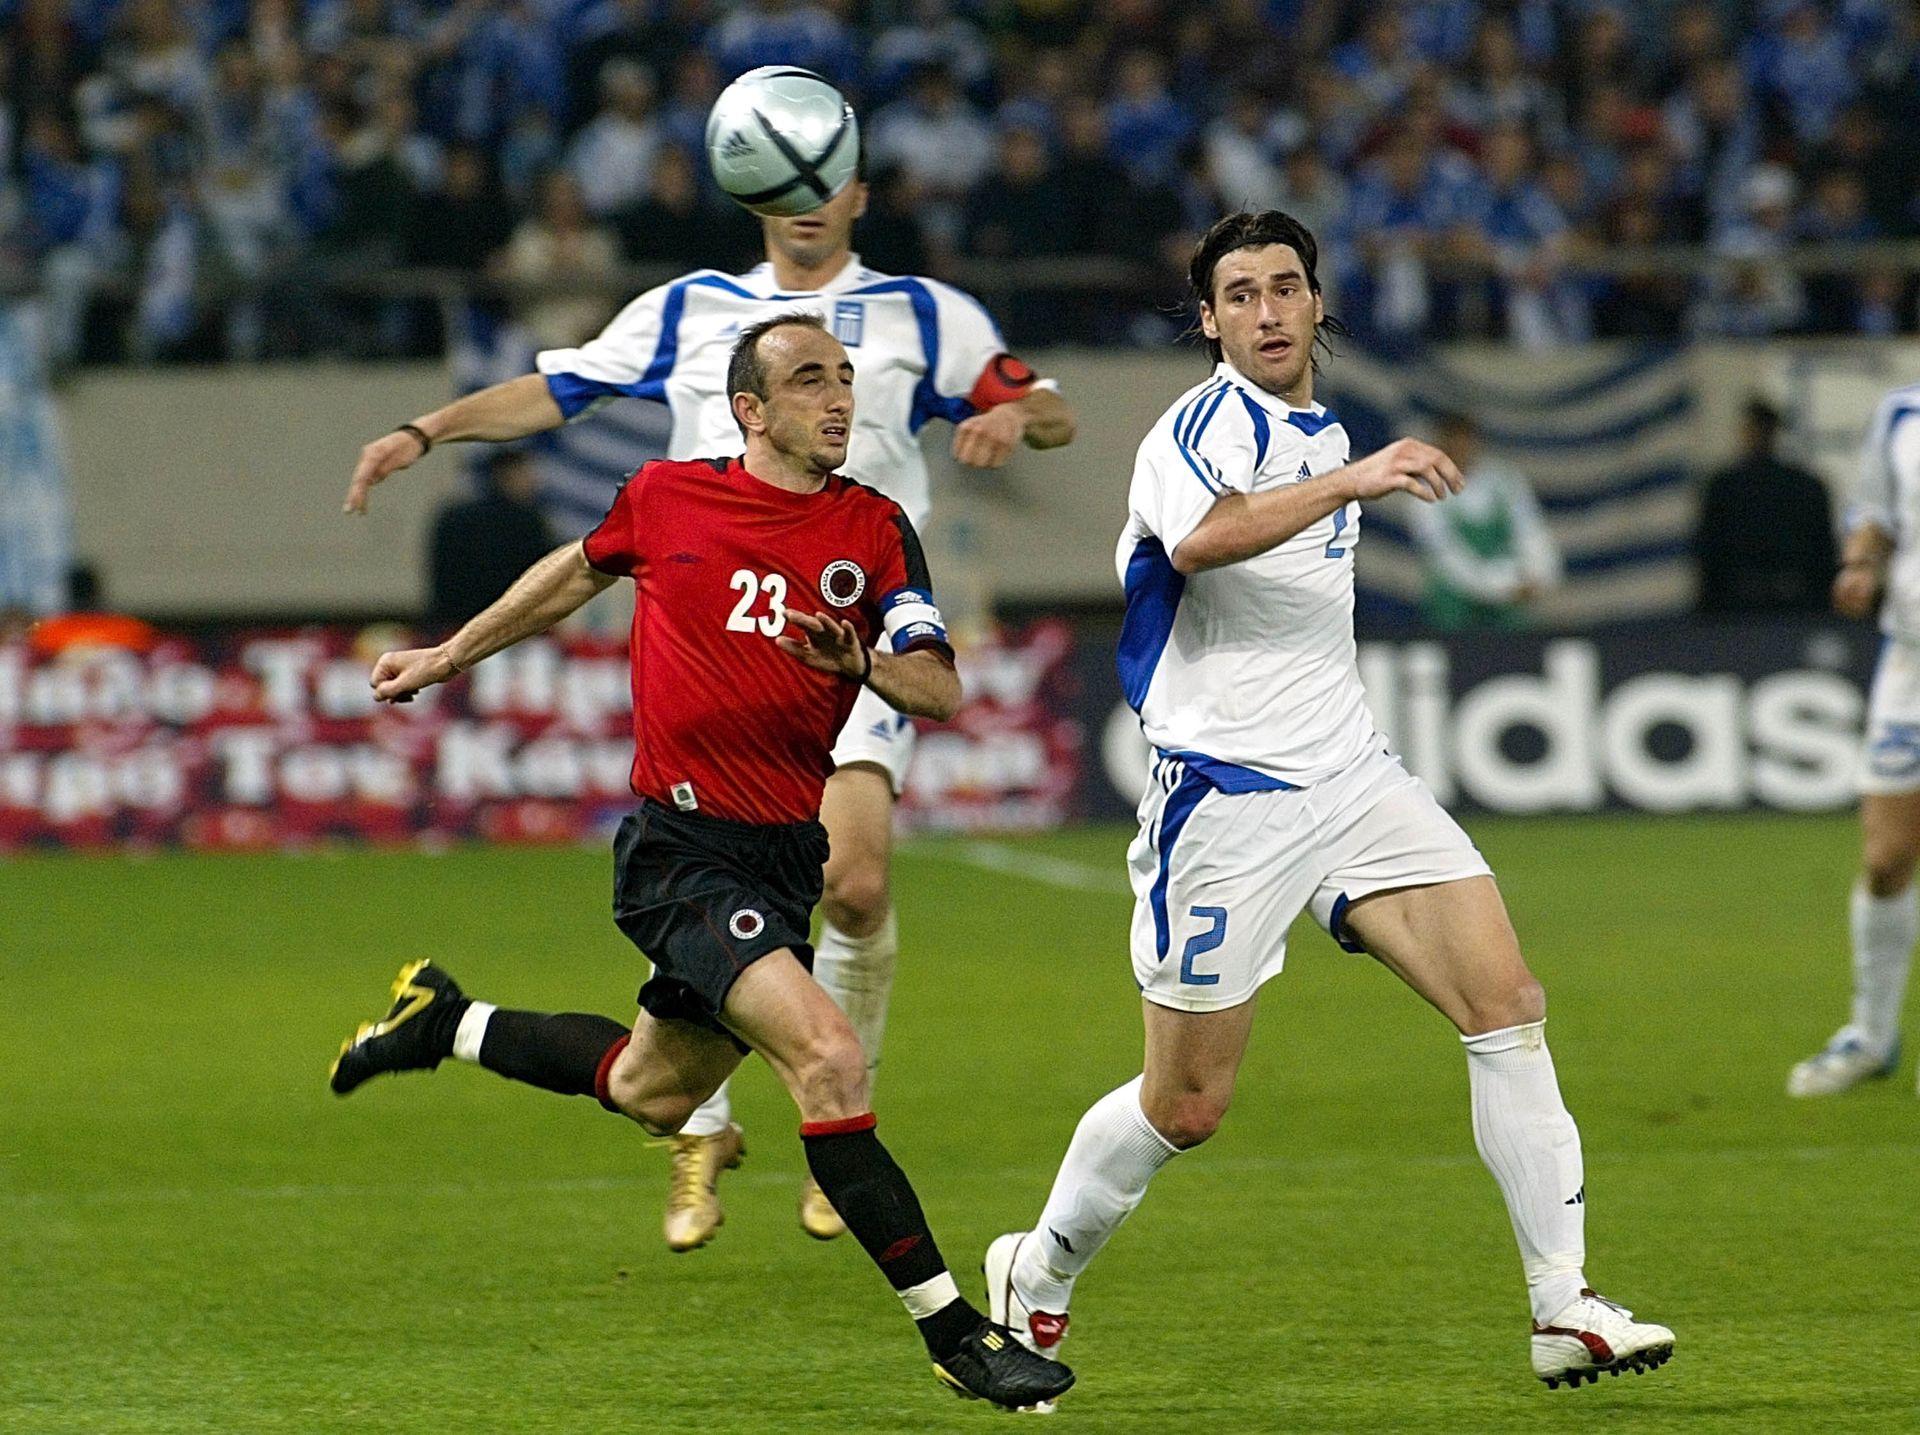 С екипа на Албания срещу европейския шампион Гърция, 2005 г.